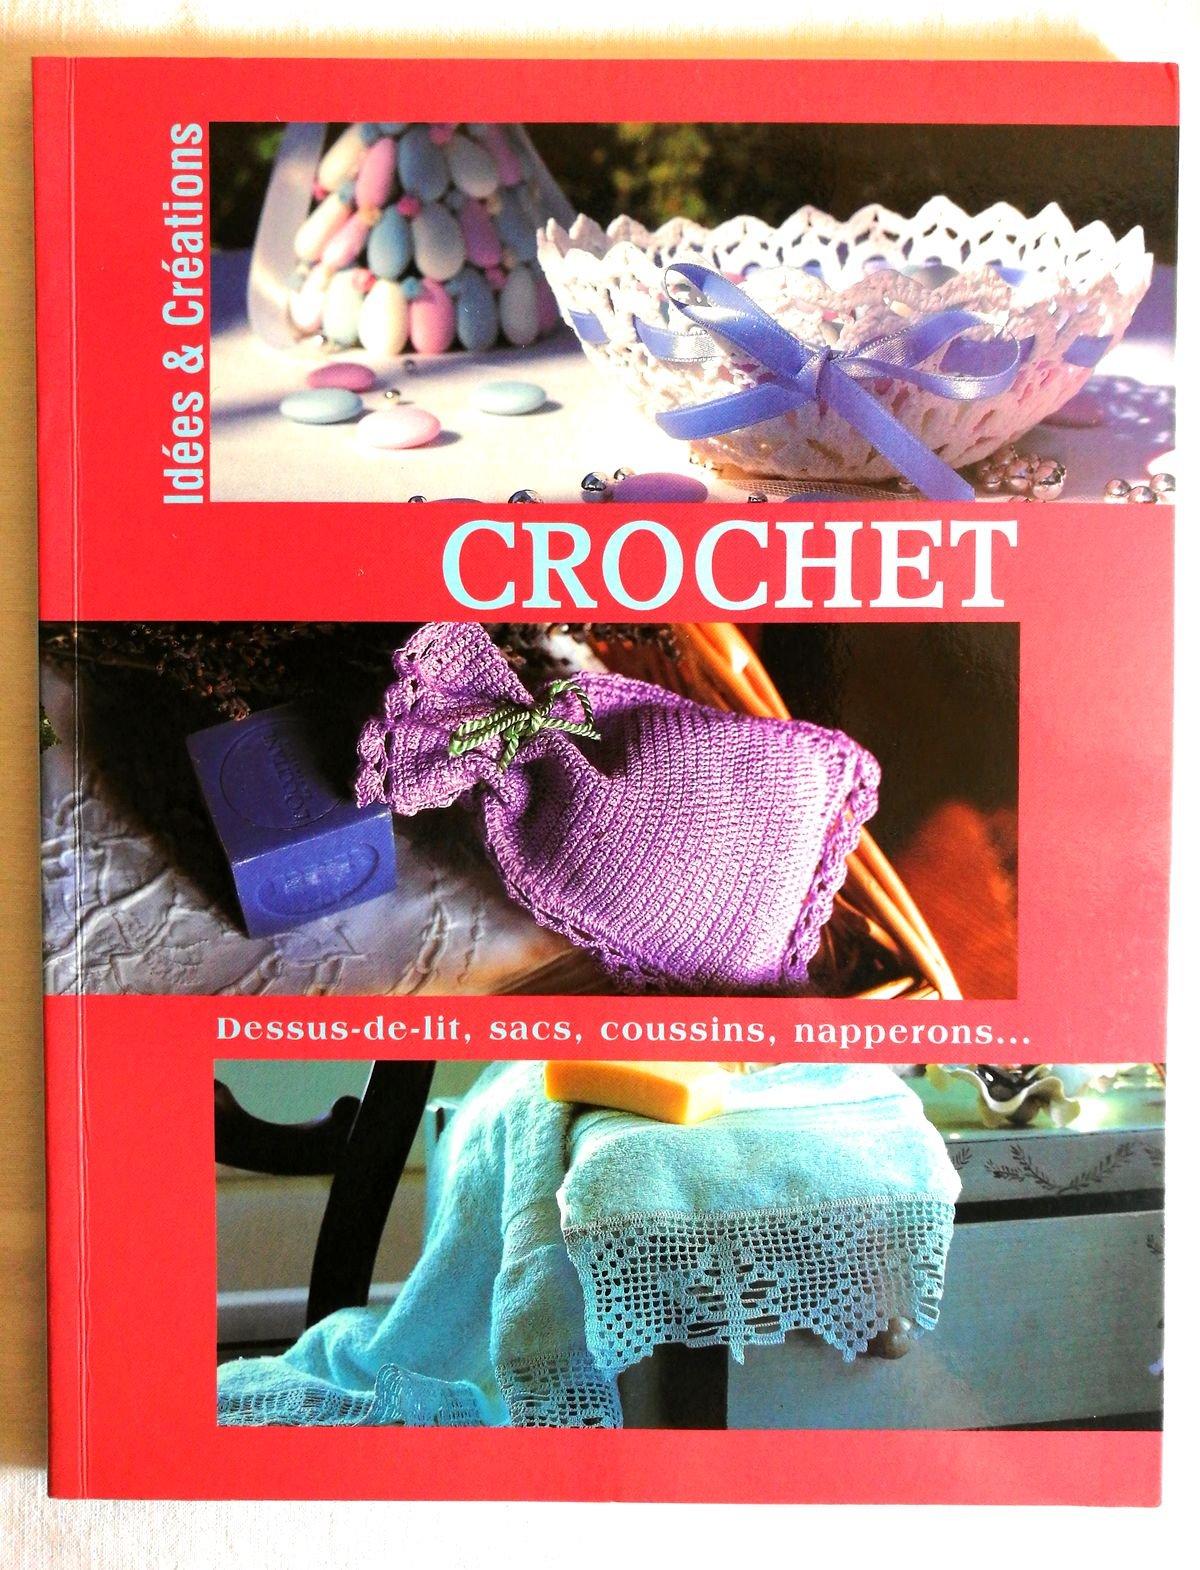 Crochet. dessus de lit, sacs, coussins, napperons Broché – 1 janvier 2005 B00DHY5S6C